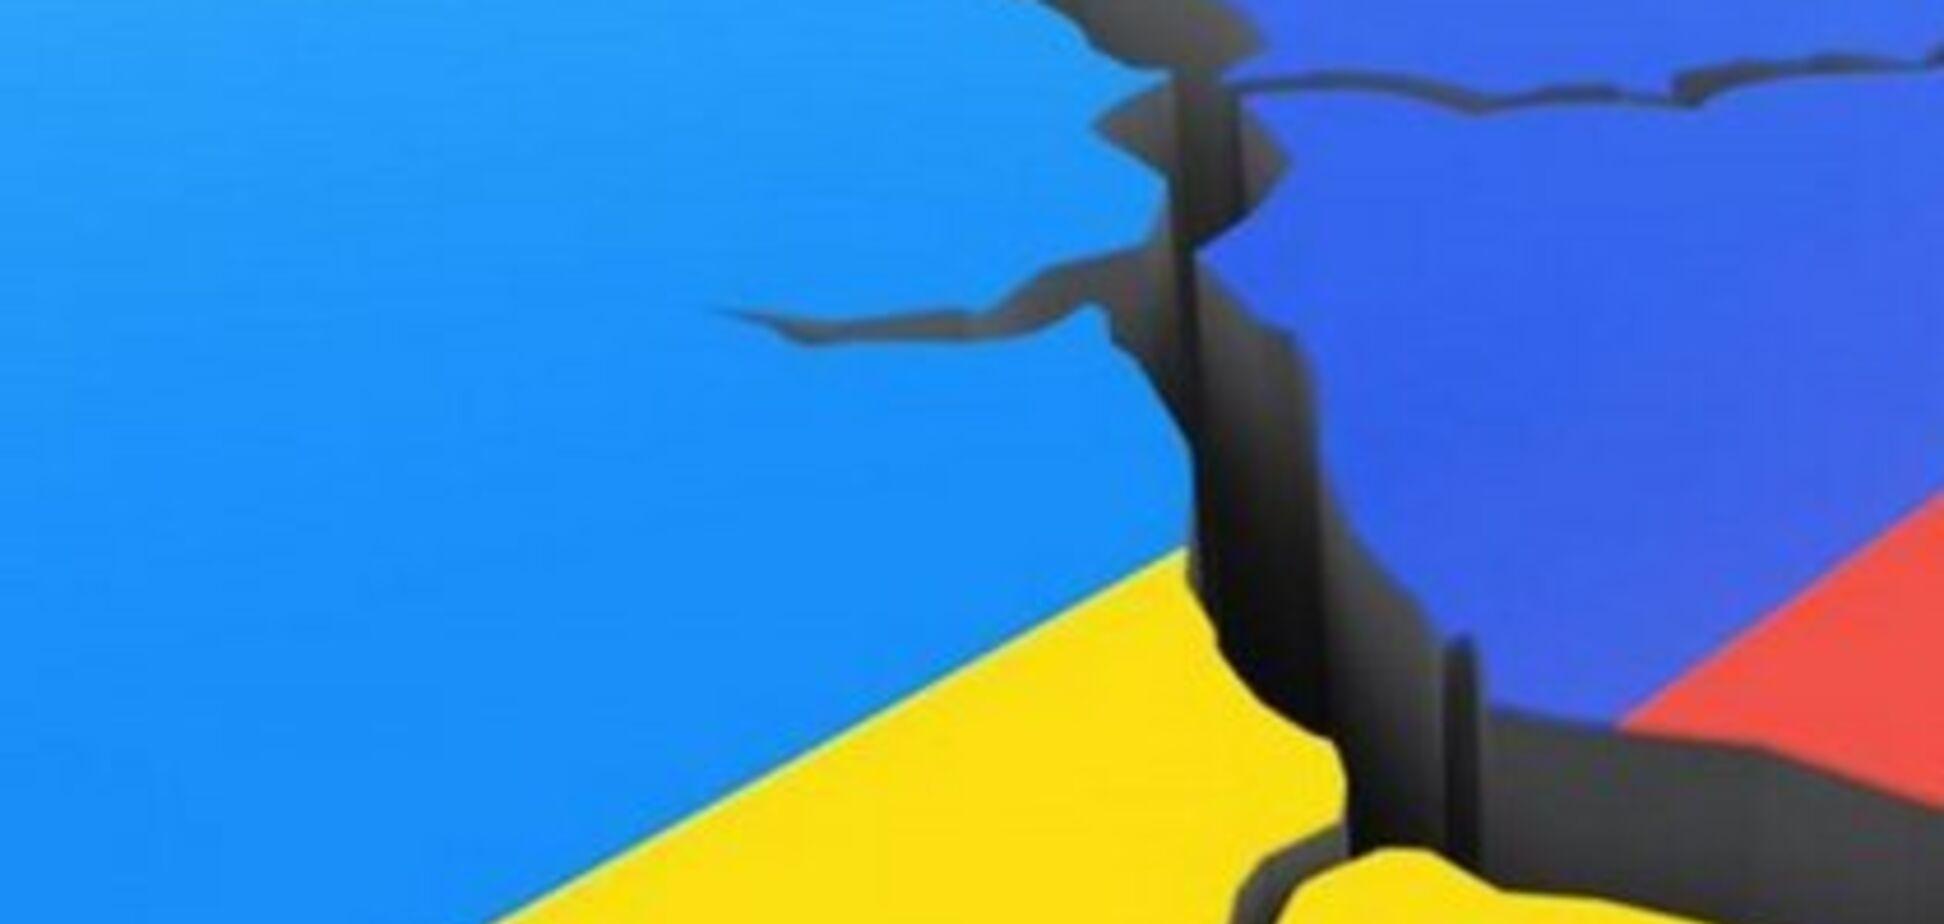 ''Что с Украиной? Она уплыла!'' Киселев поиздевался над Путиным из-за НАТО